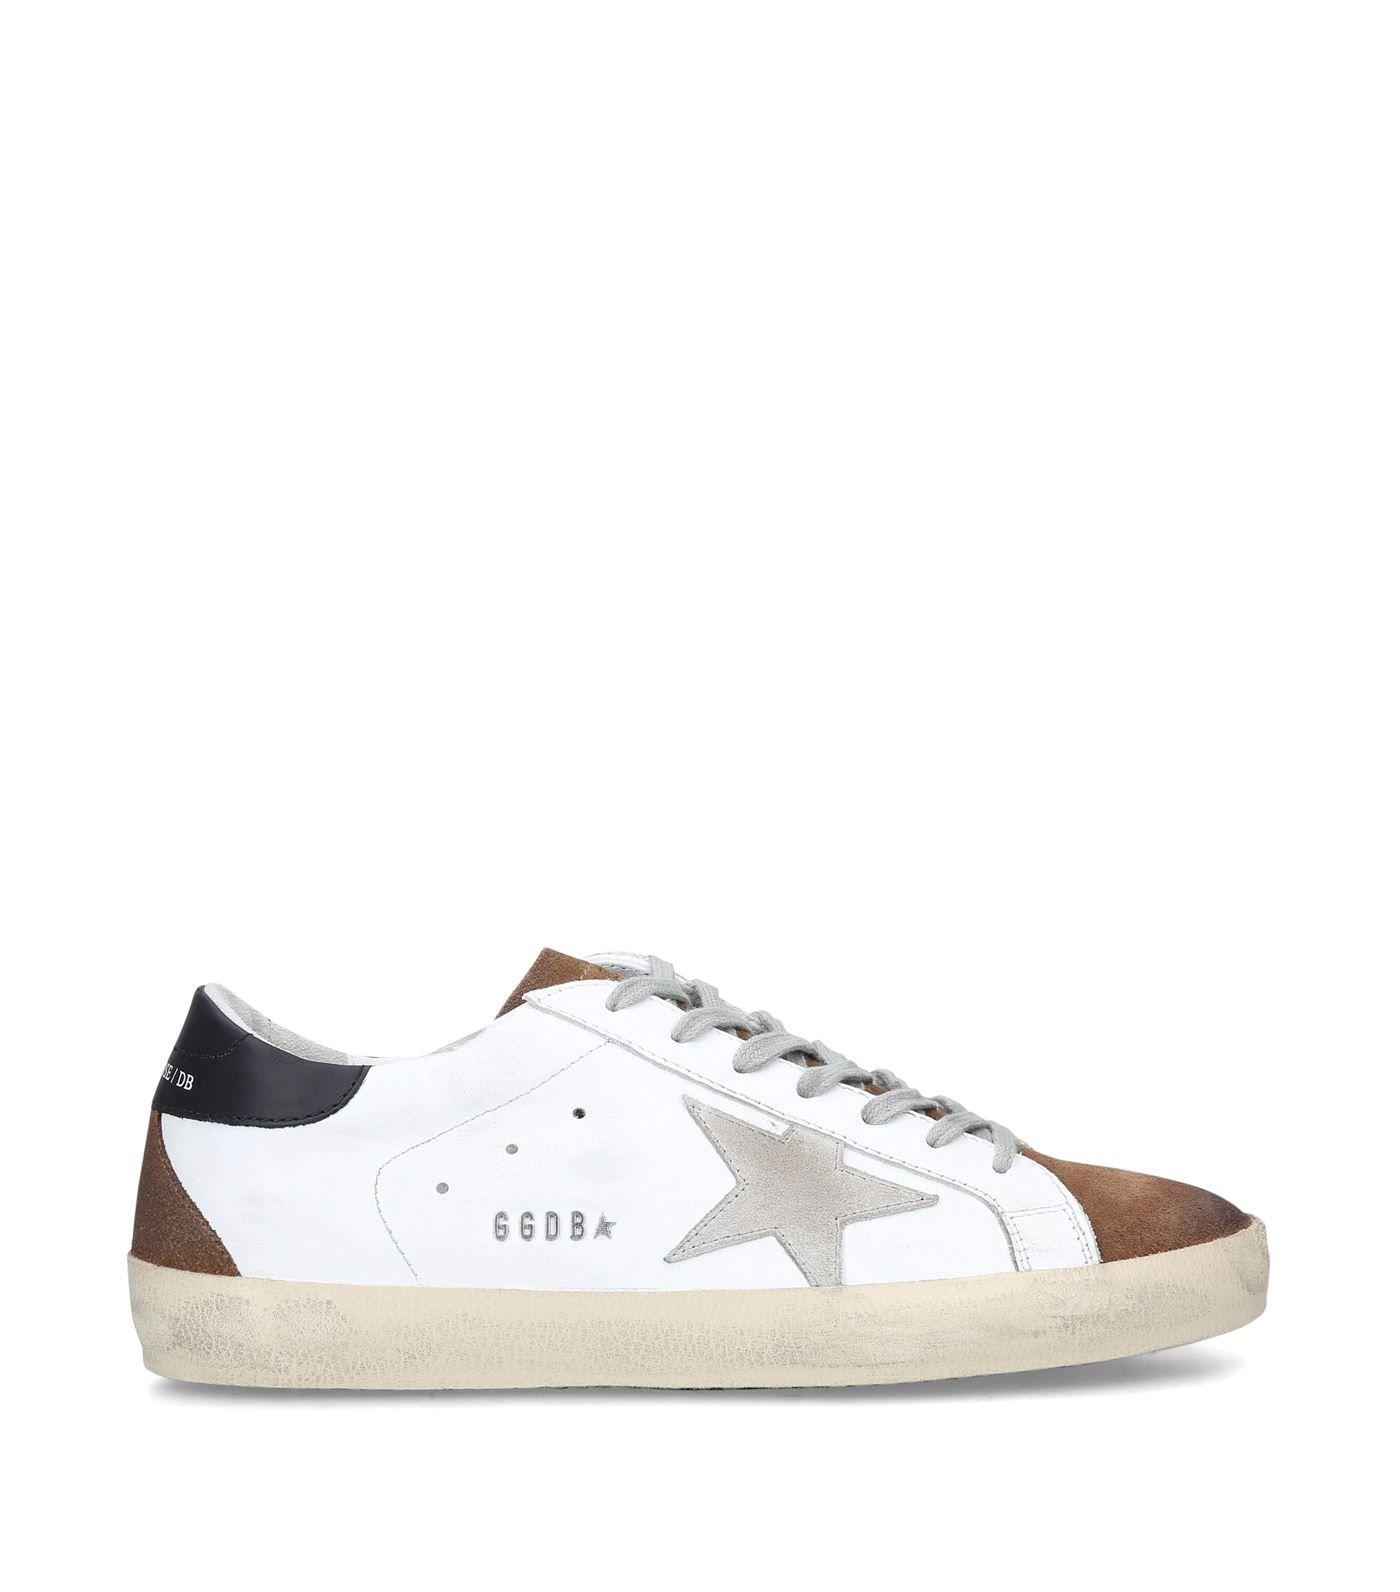 Golden Goose Superstar Sneakers #AD